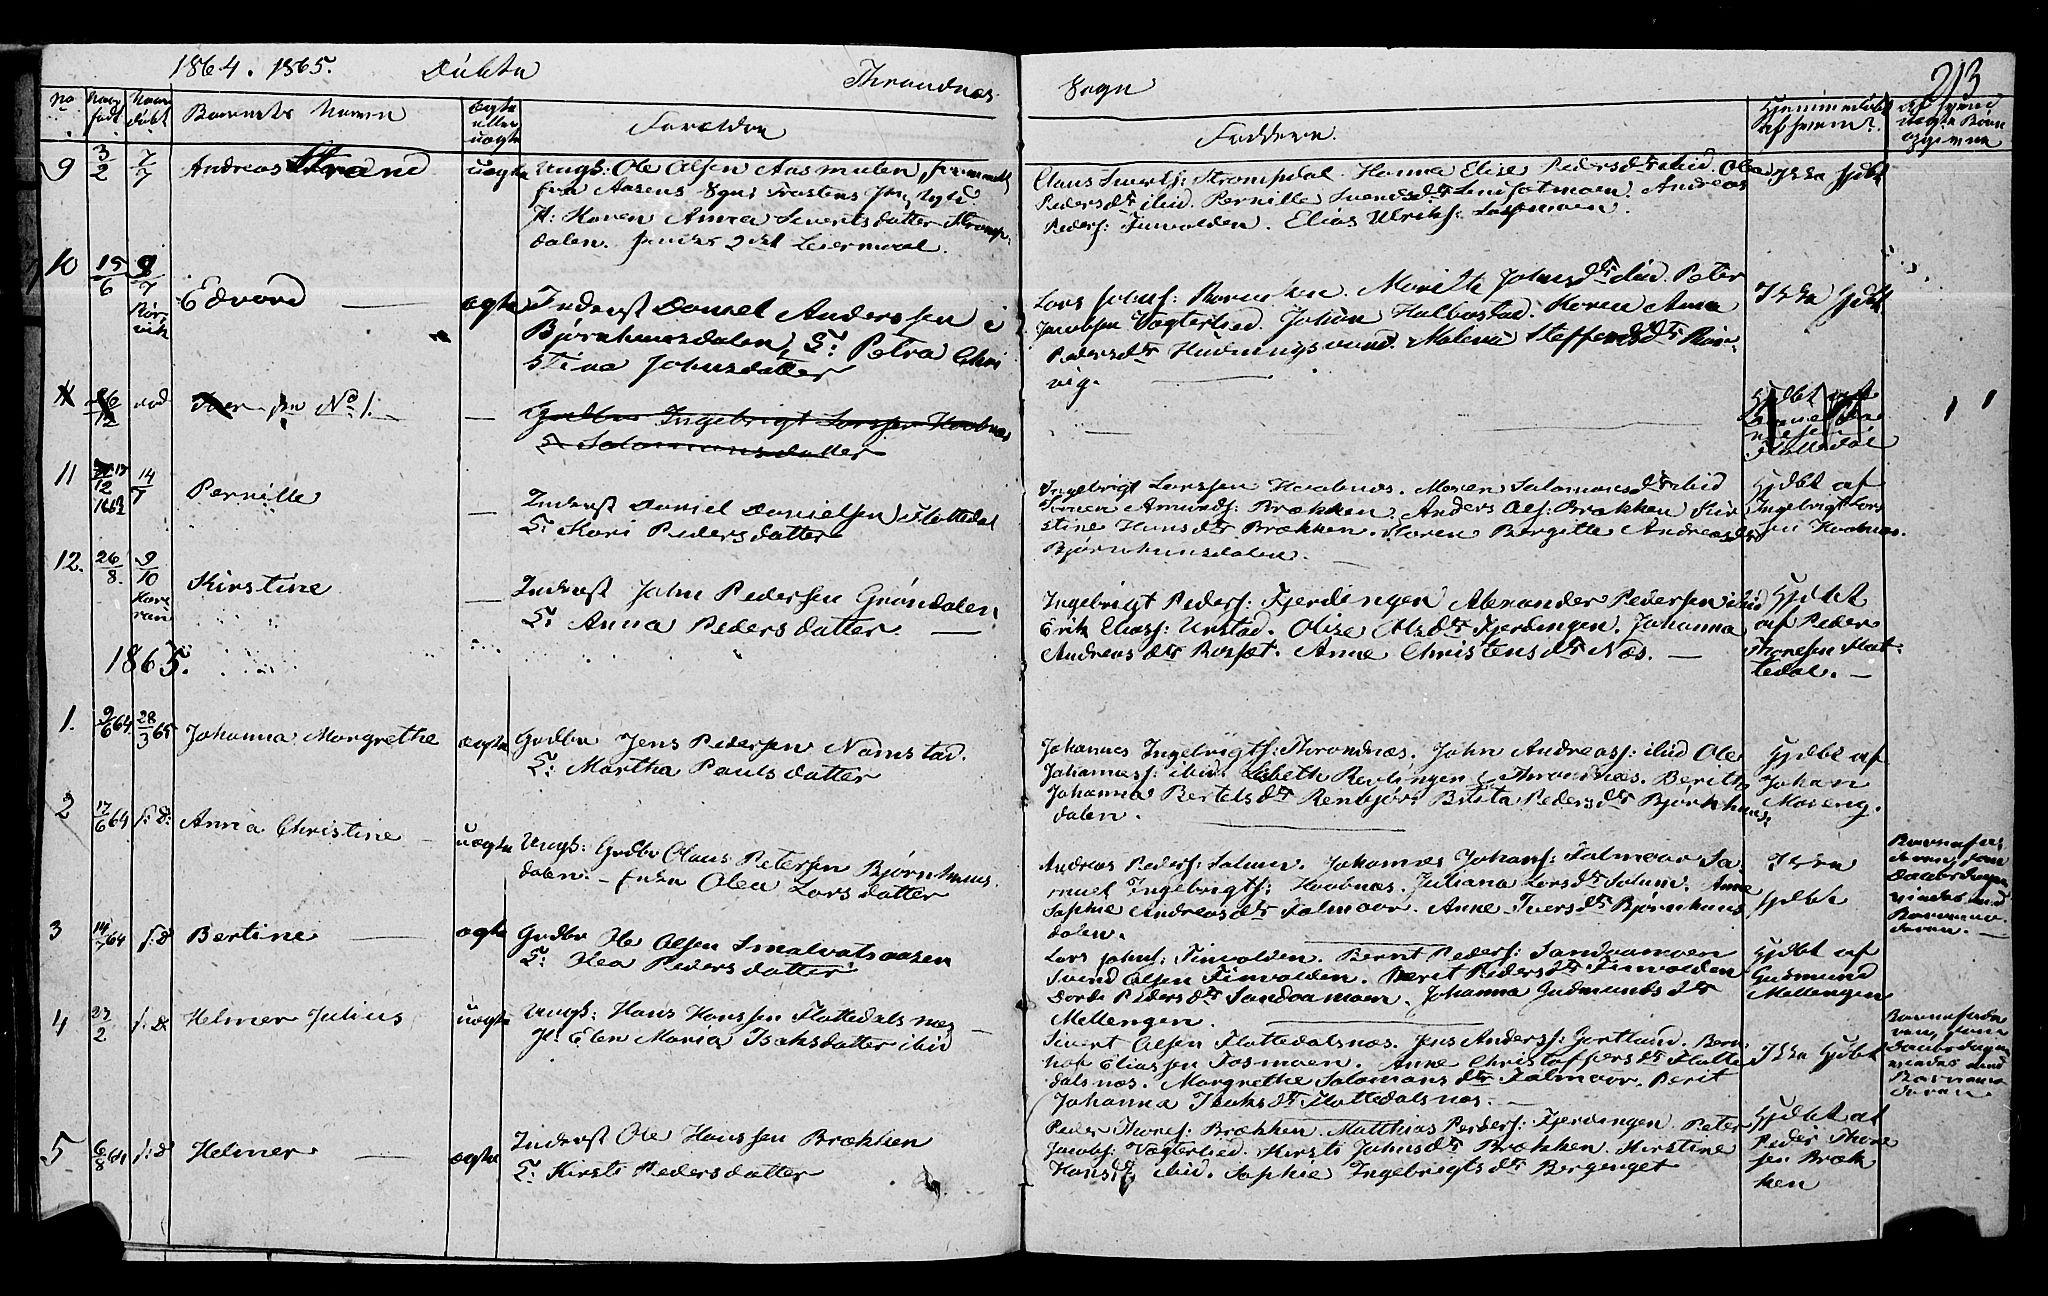 SAT, Ministerialprotokoller, klokkerbøker og fødselsregistre - Nord-Trøndelag, 762/L0538: Ministerialbok nr. 762A02 /2, 1833-1879, s. 213